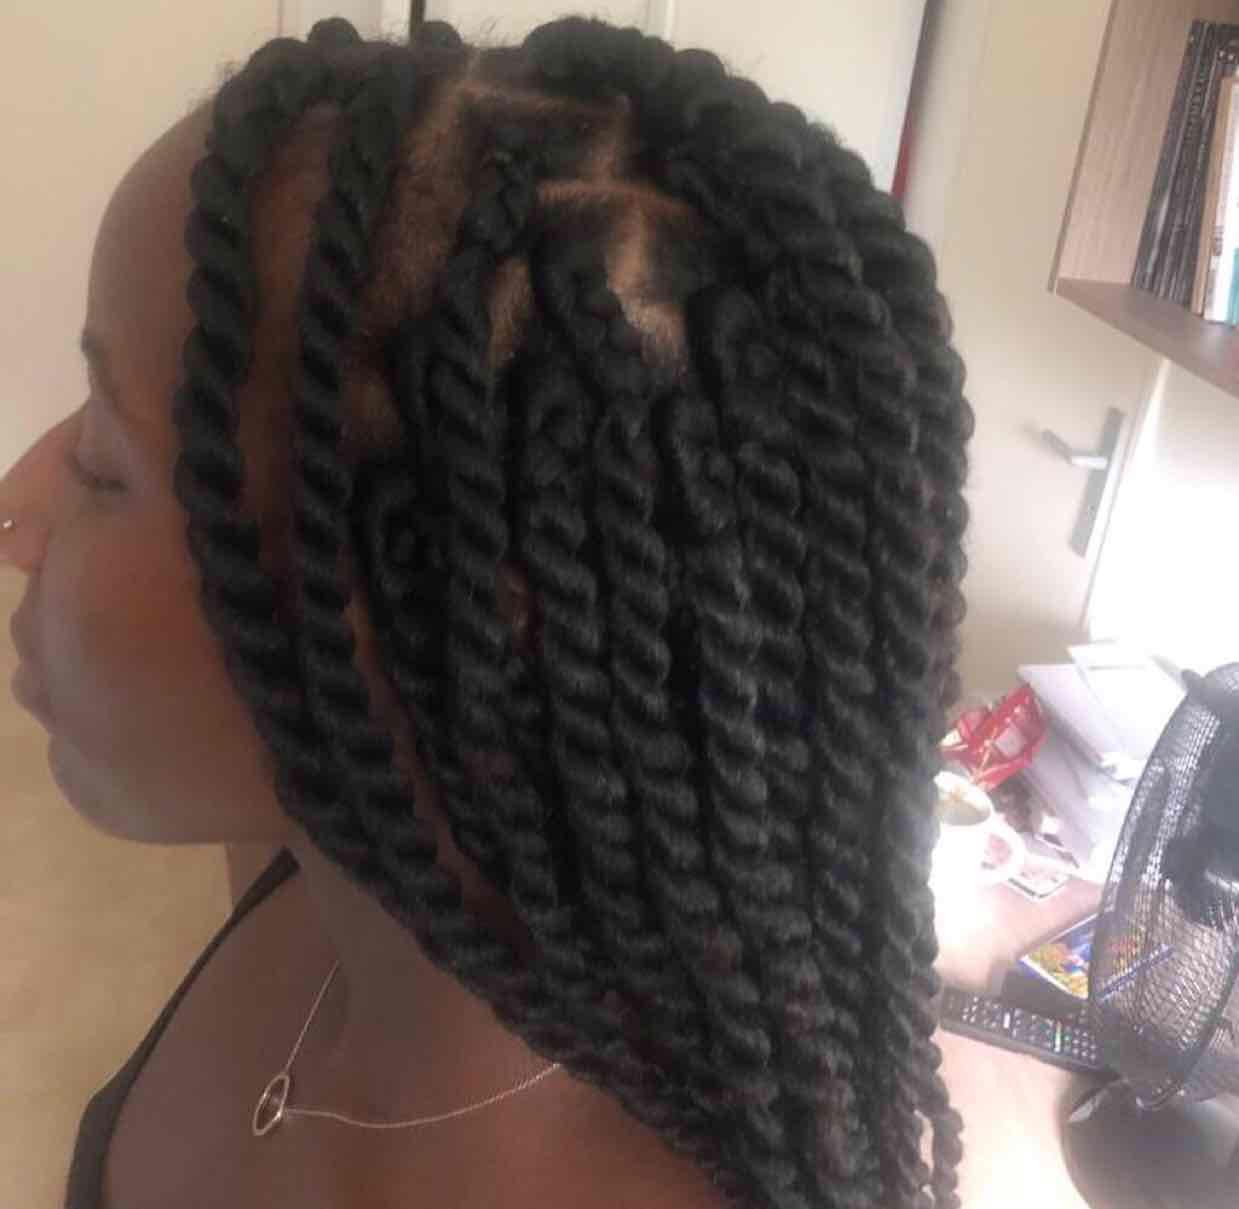 salon de coiffure afro tresse tresses box braids crochet braids vanilles tissages paris 75 77 78 91 92 93 94 95 VLHSVQUF